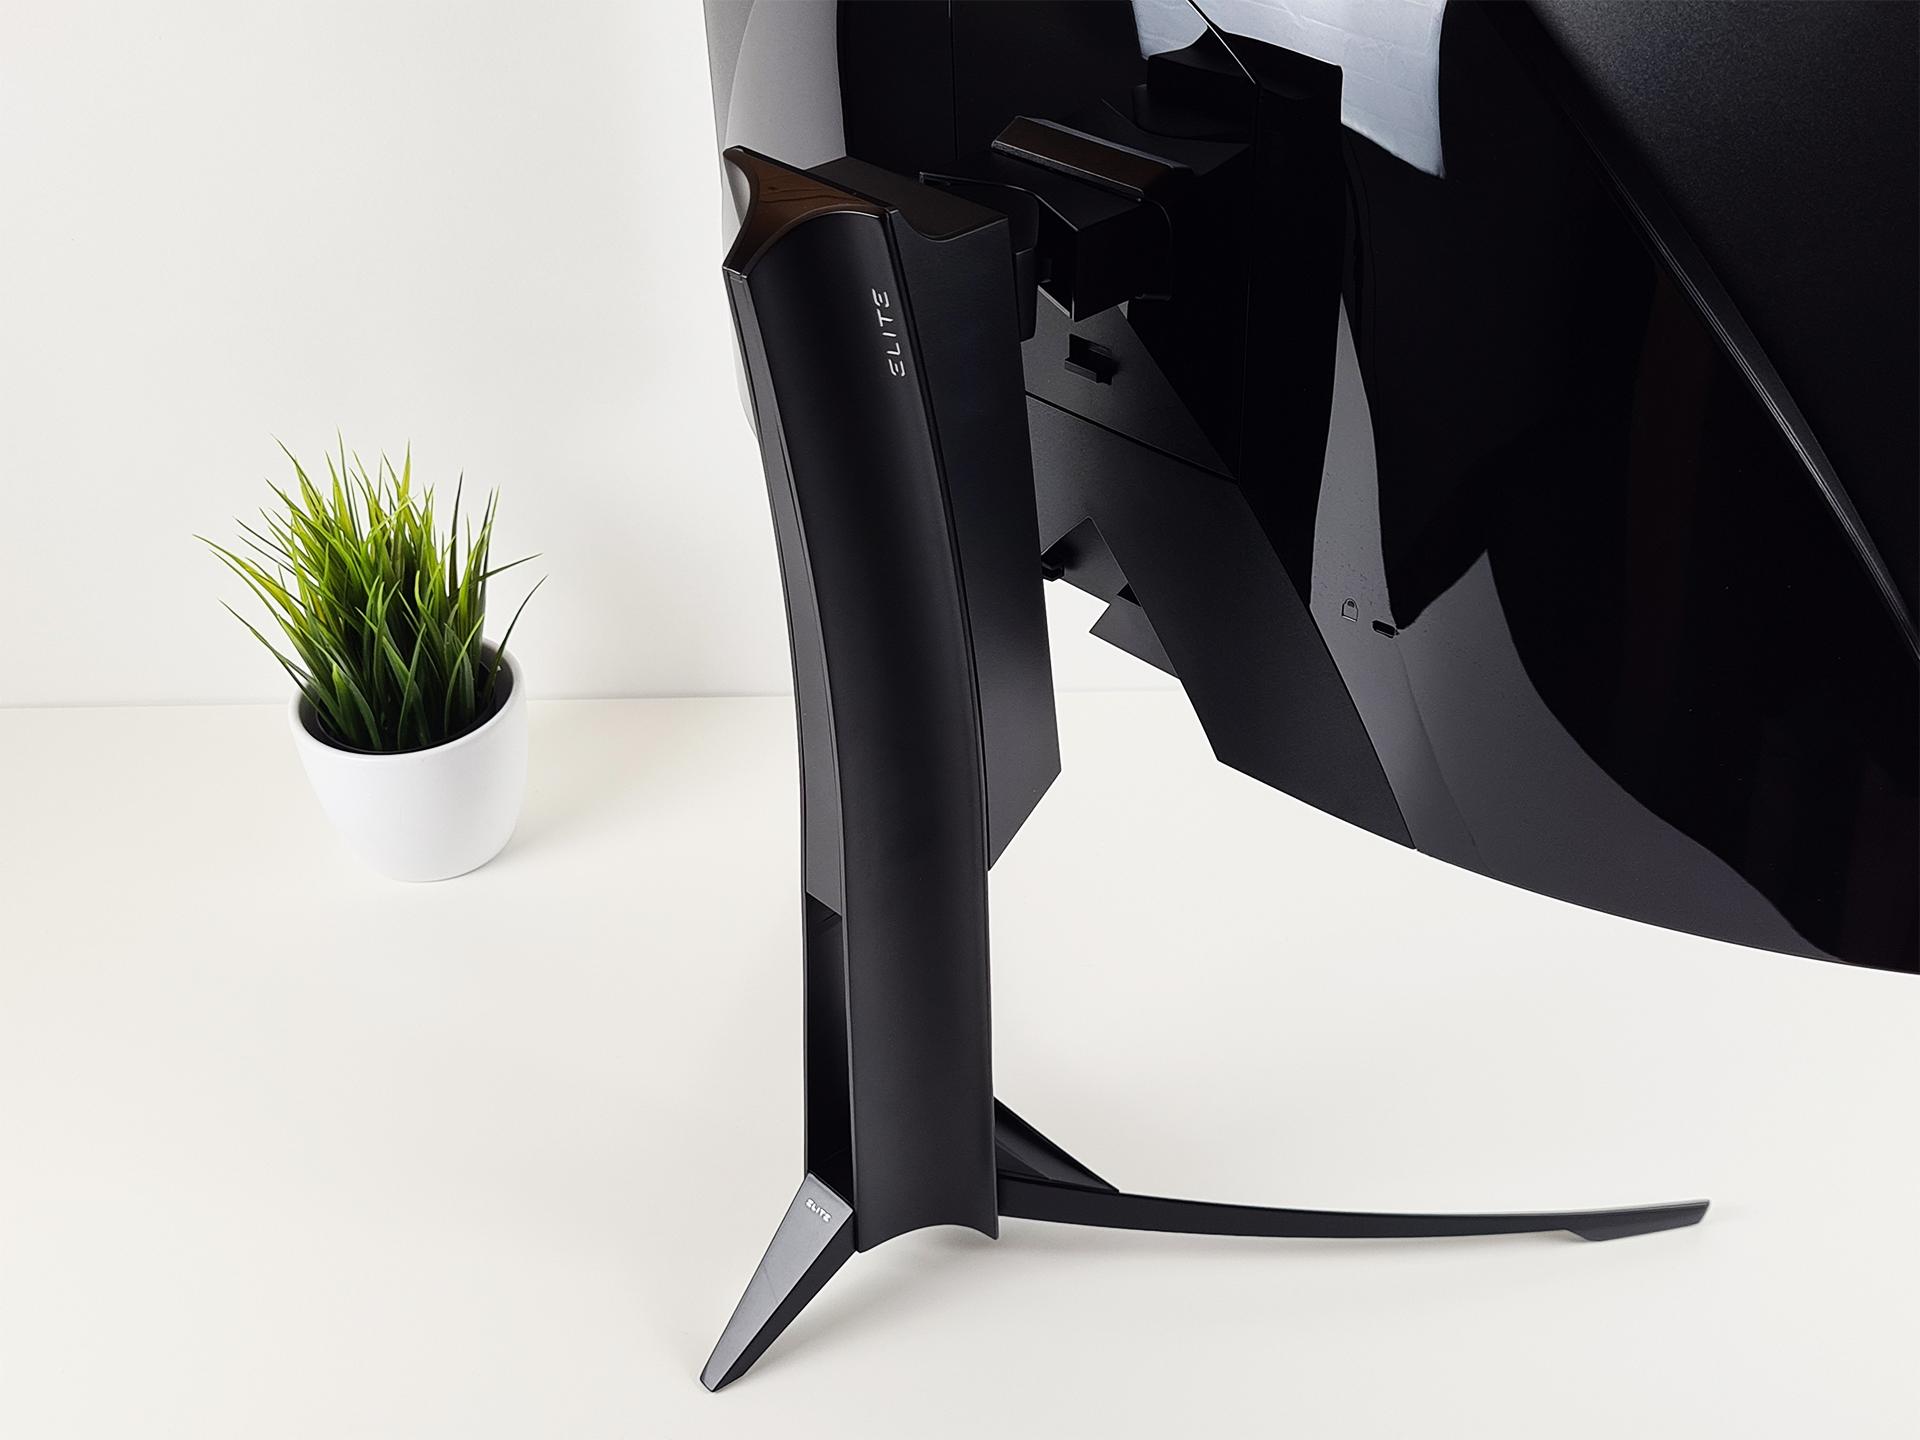 viewsonic xg270qc - Standfuß Design